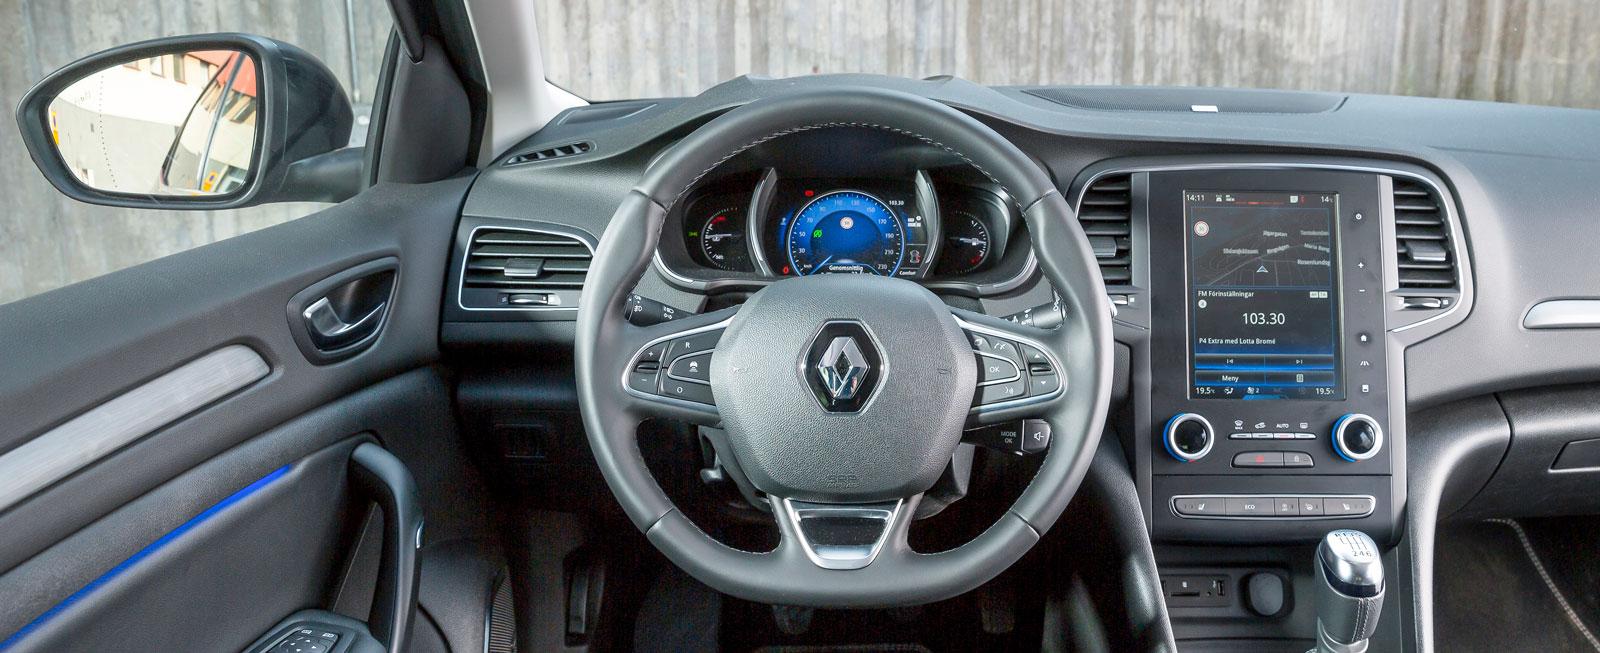 Renaults förarplats domineras av den stora pekskärmen (standard i Bose-paketet). Men för värme/ventilation används klokt nog fysiska reglage.